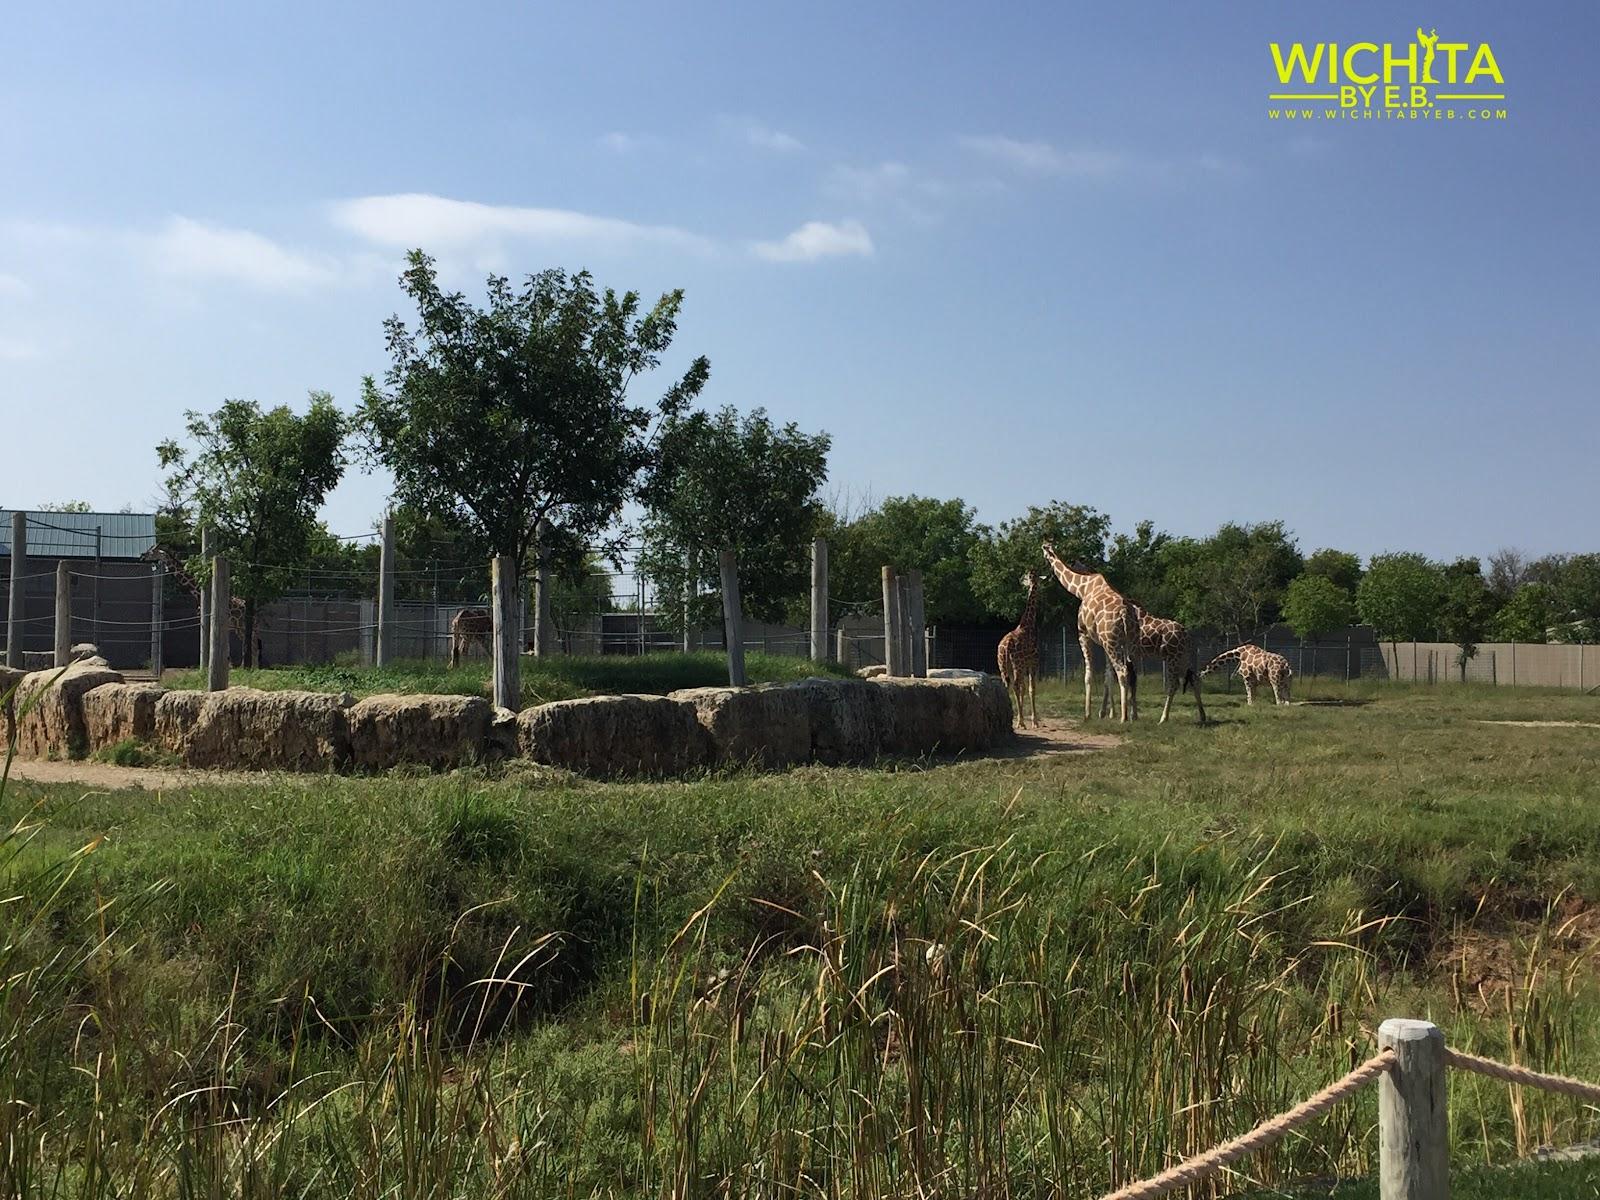 Tanganyika Wildlife Park – Wichita By E B